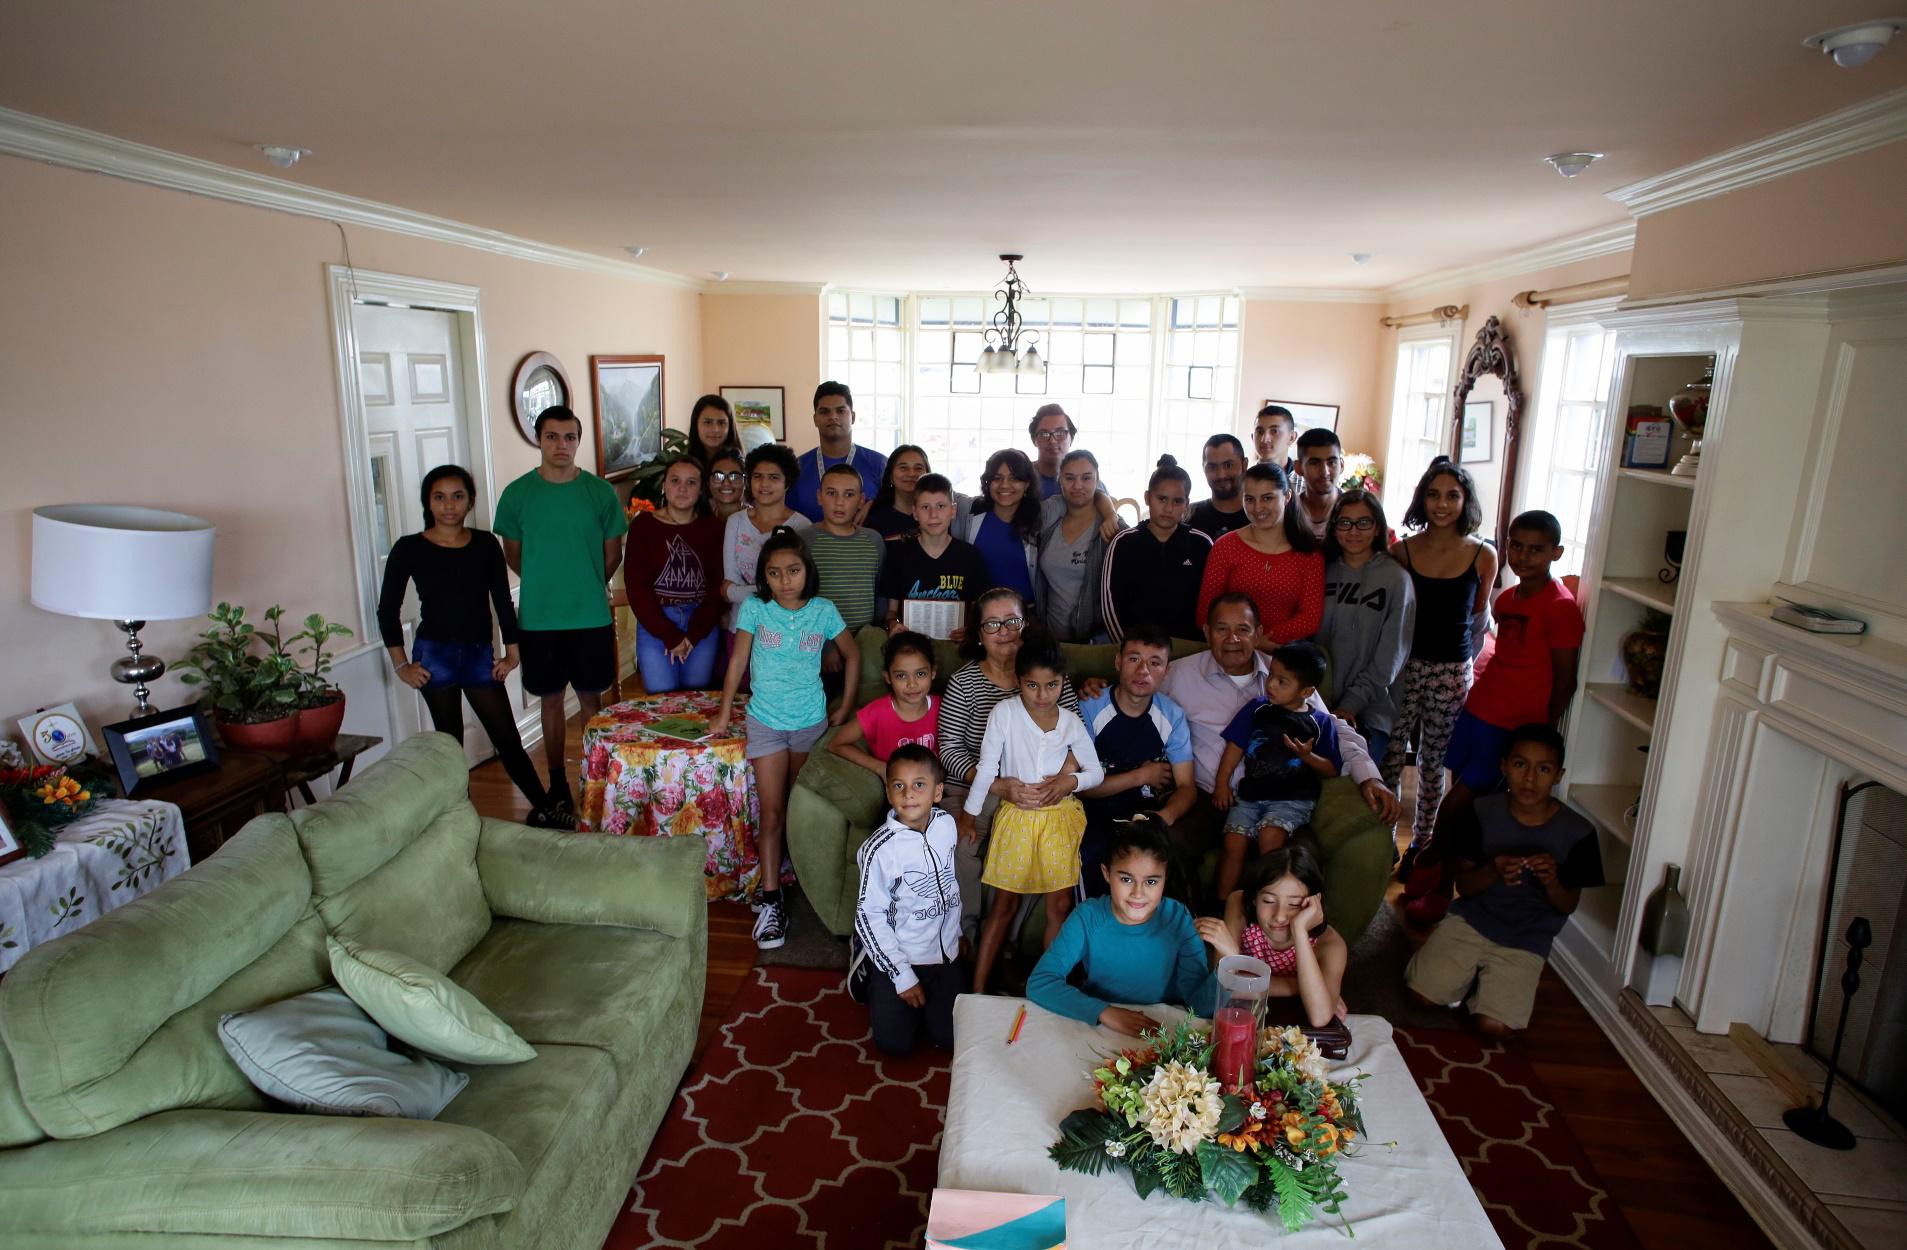 Καραντίνα με 31 παιδιά; Μια οικογένεια τα καταφέρνει (pics)